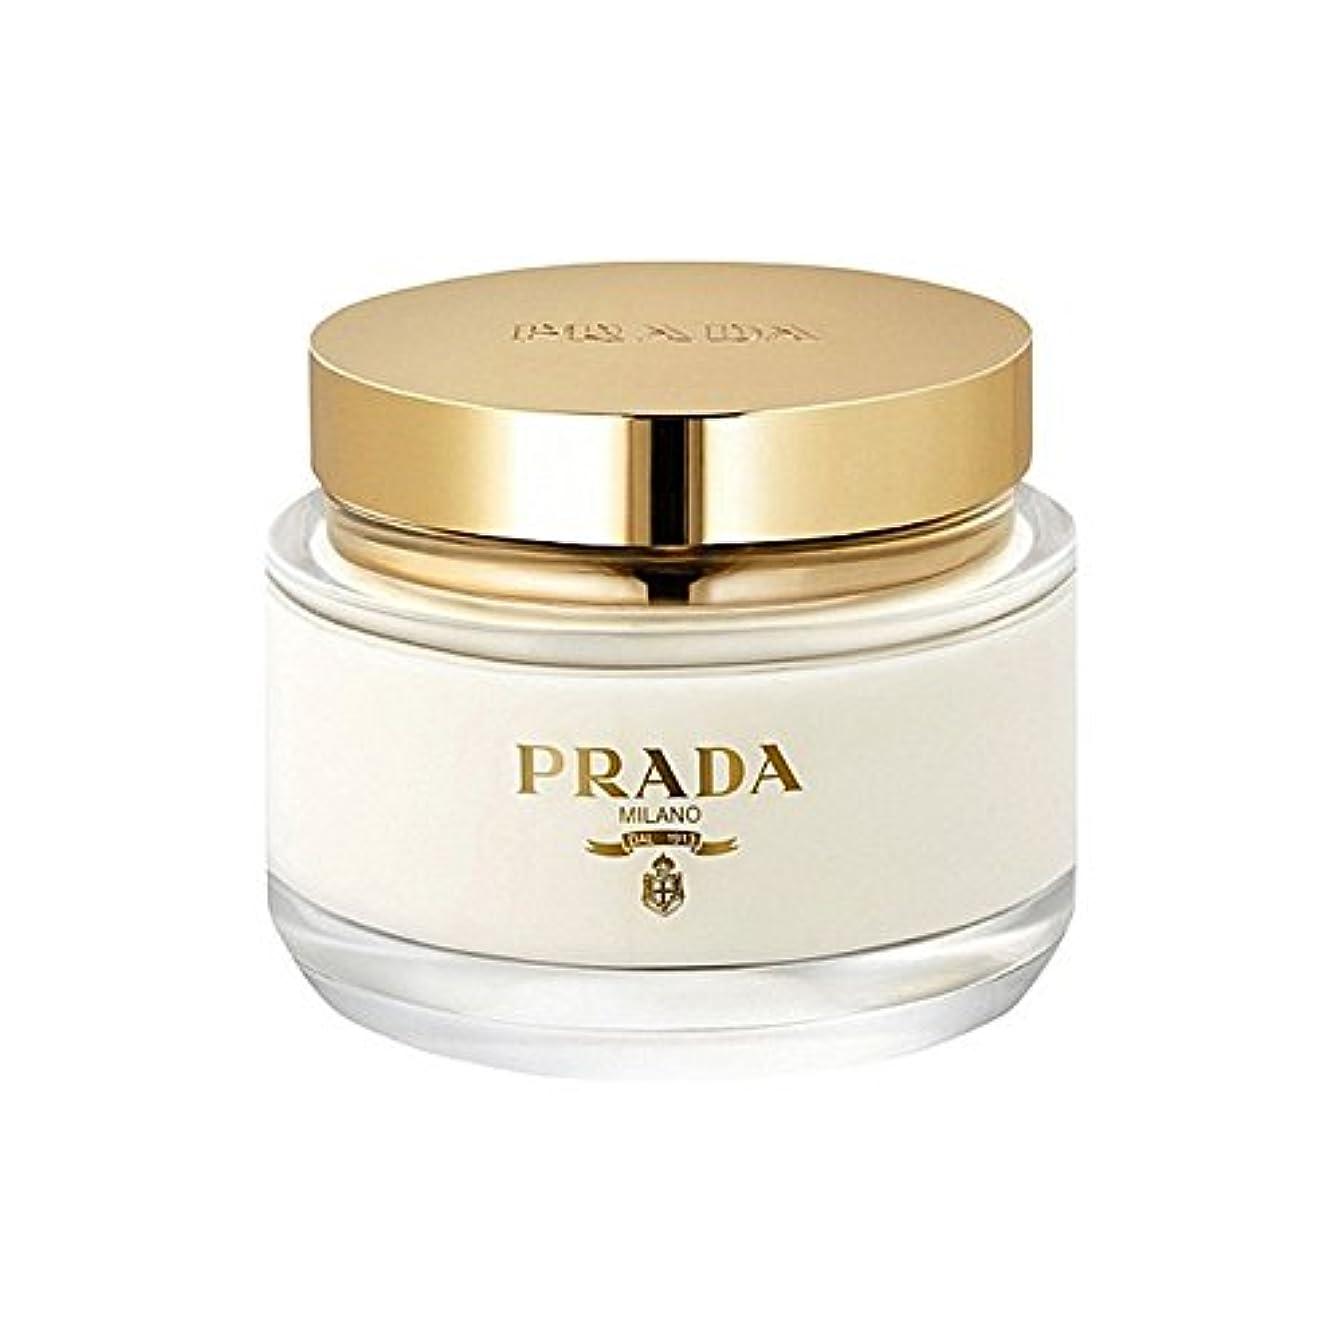 ジュラシックパークペデスタルモートプラダラファムボディクリーム200ミリリットル x4 - Prada La Femme Body Cream 200ml (Pack of 4) [並行輸入品]